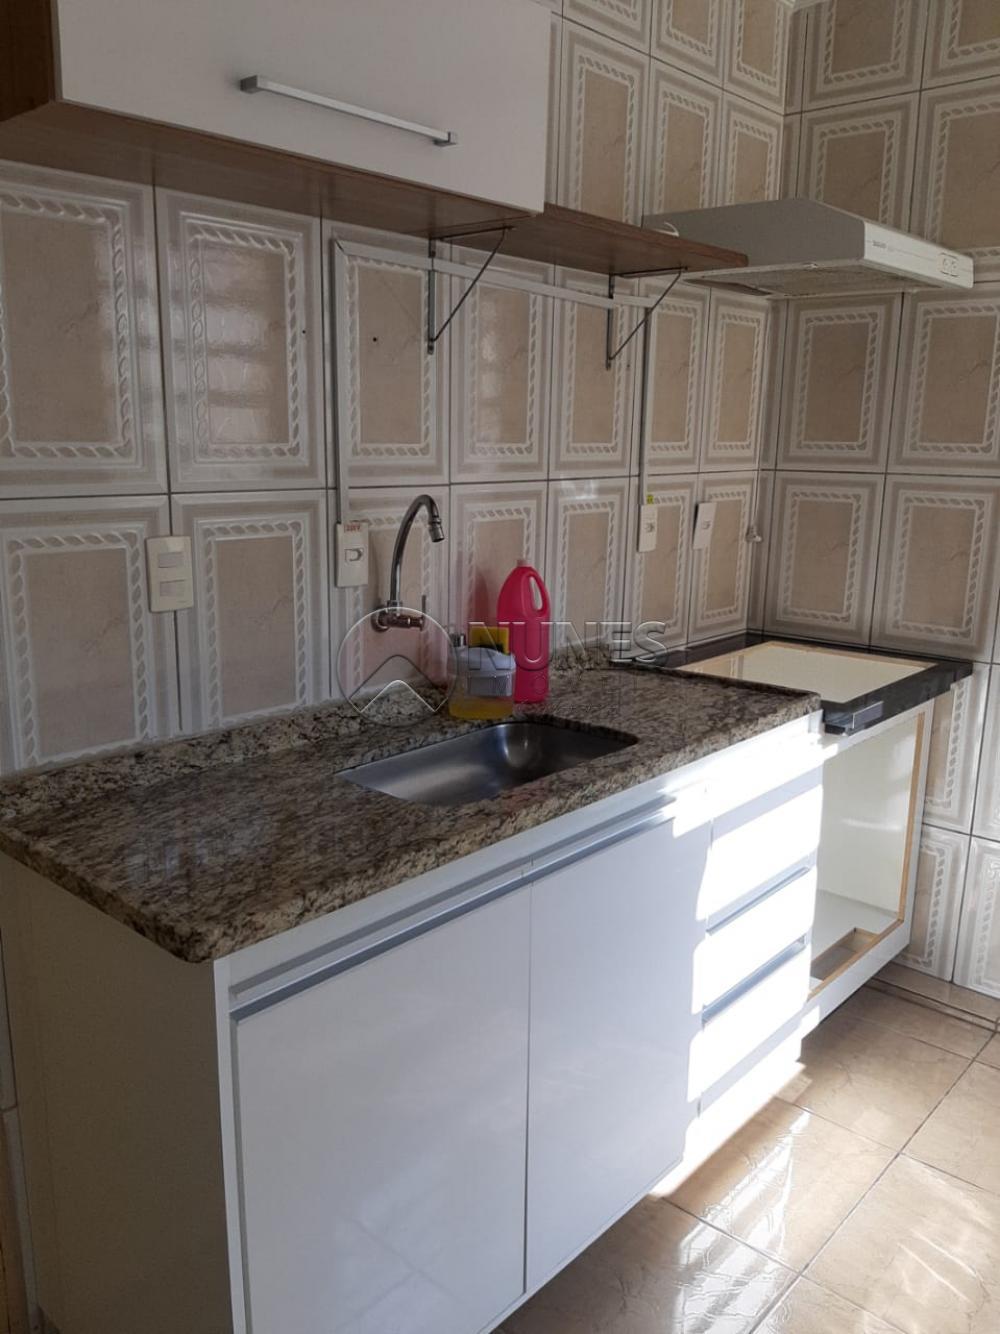 Comprar Apartamento / Padrão em São Paulo apenas R$ 220.000,00 - Foto 15